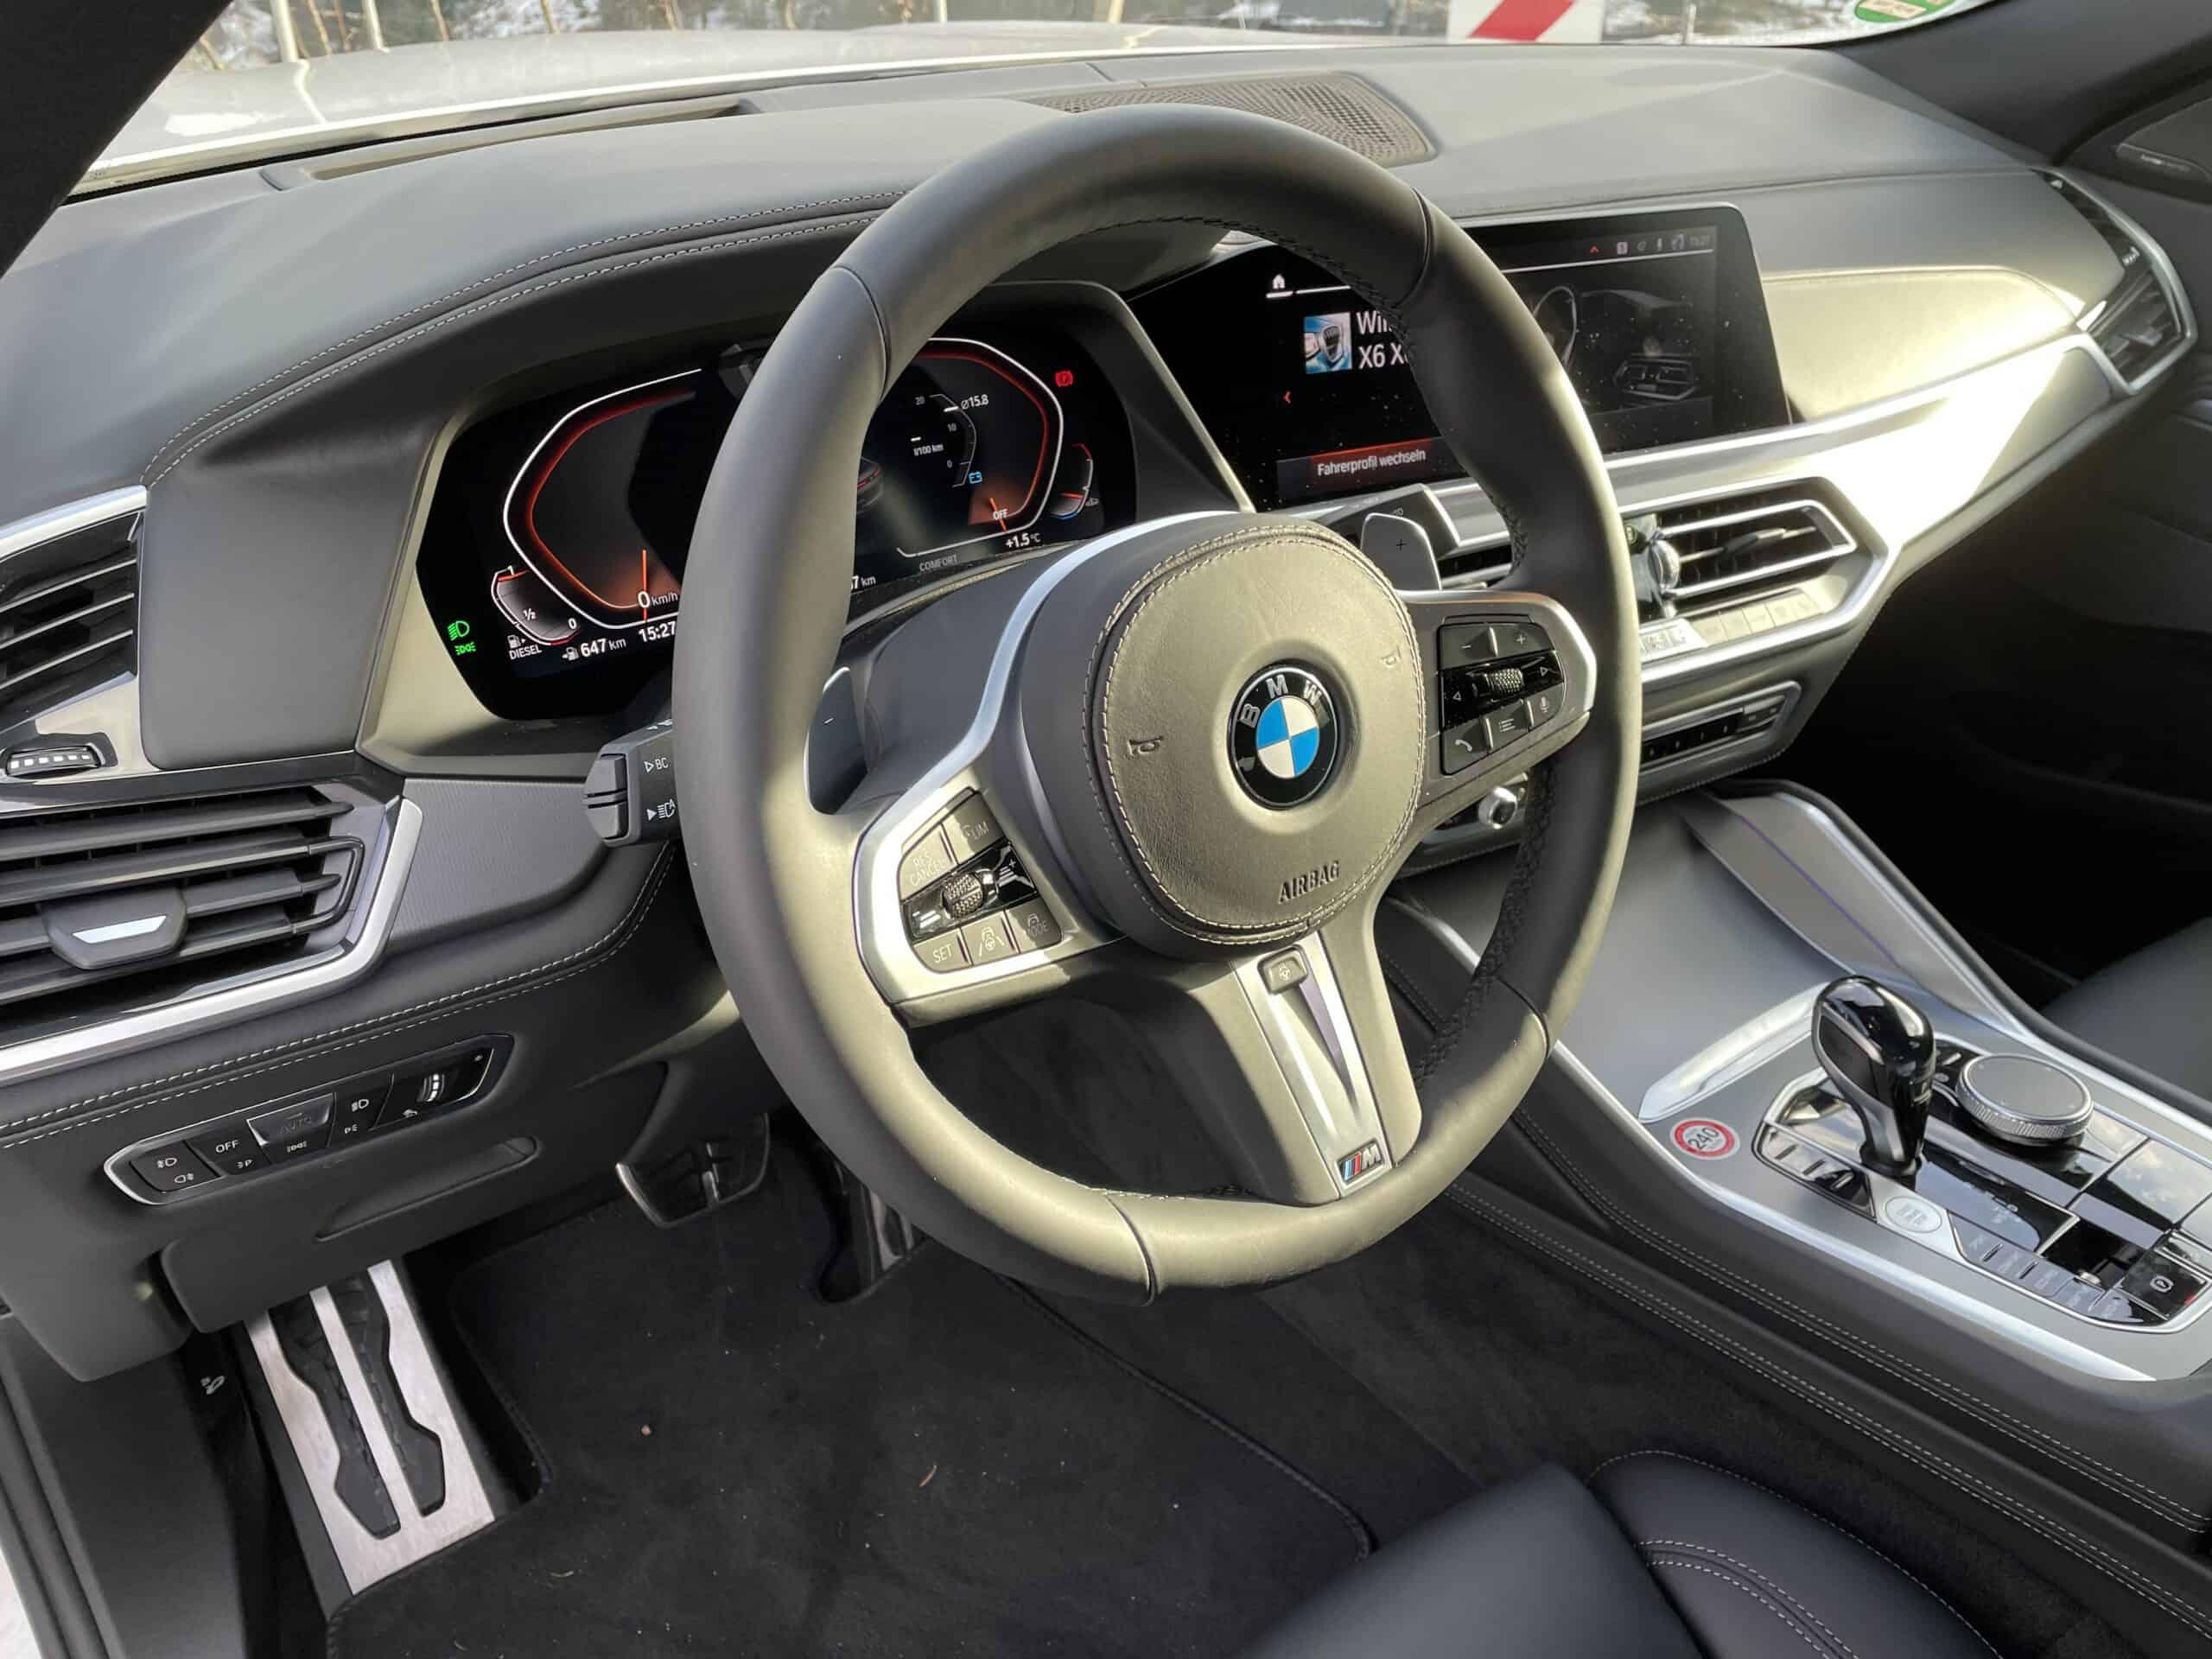 BMW X6 Diesel 3.0 Mild-Hybrid (2021), Cockpit